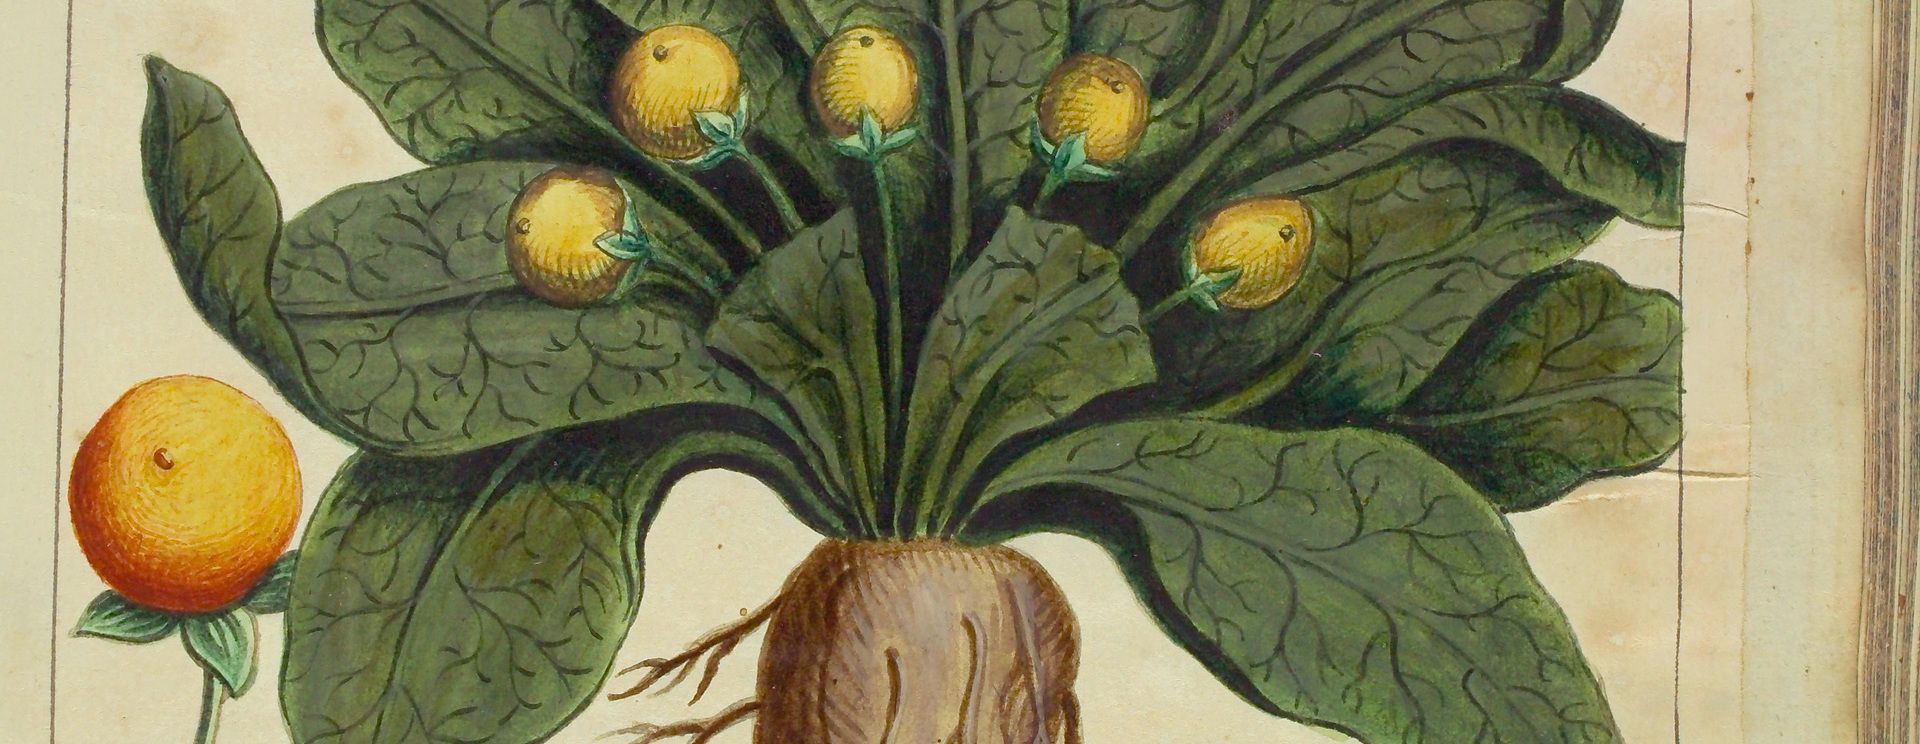 La mandragore, la plus célèbre des plantes magiques